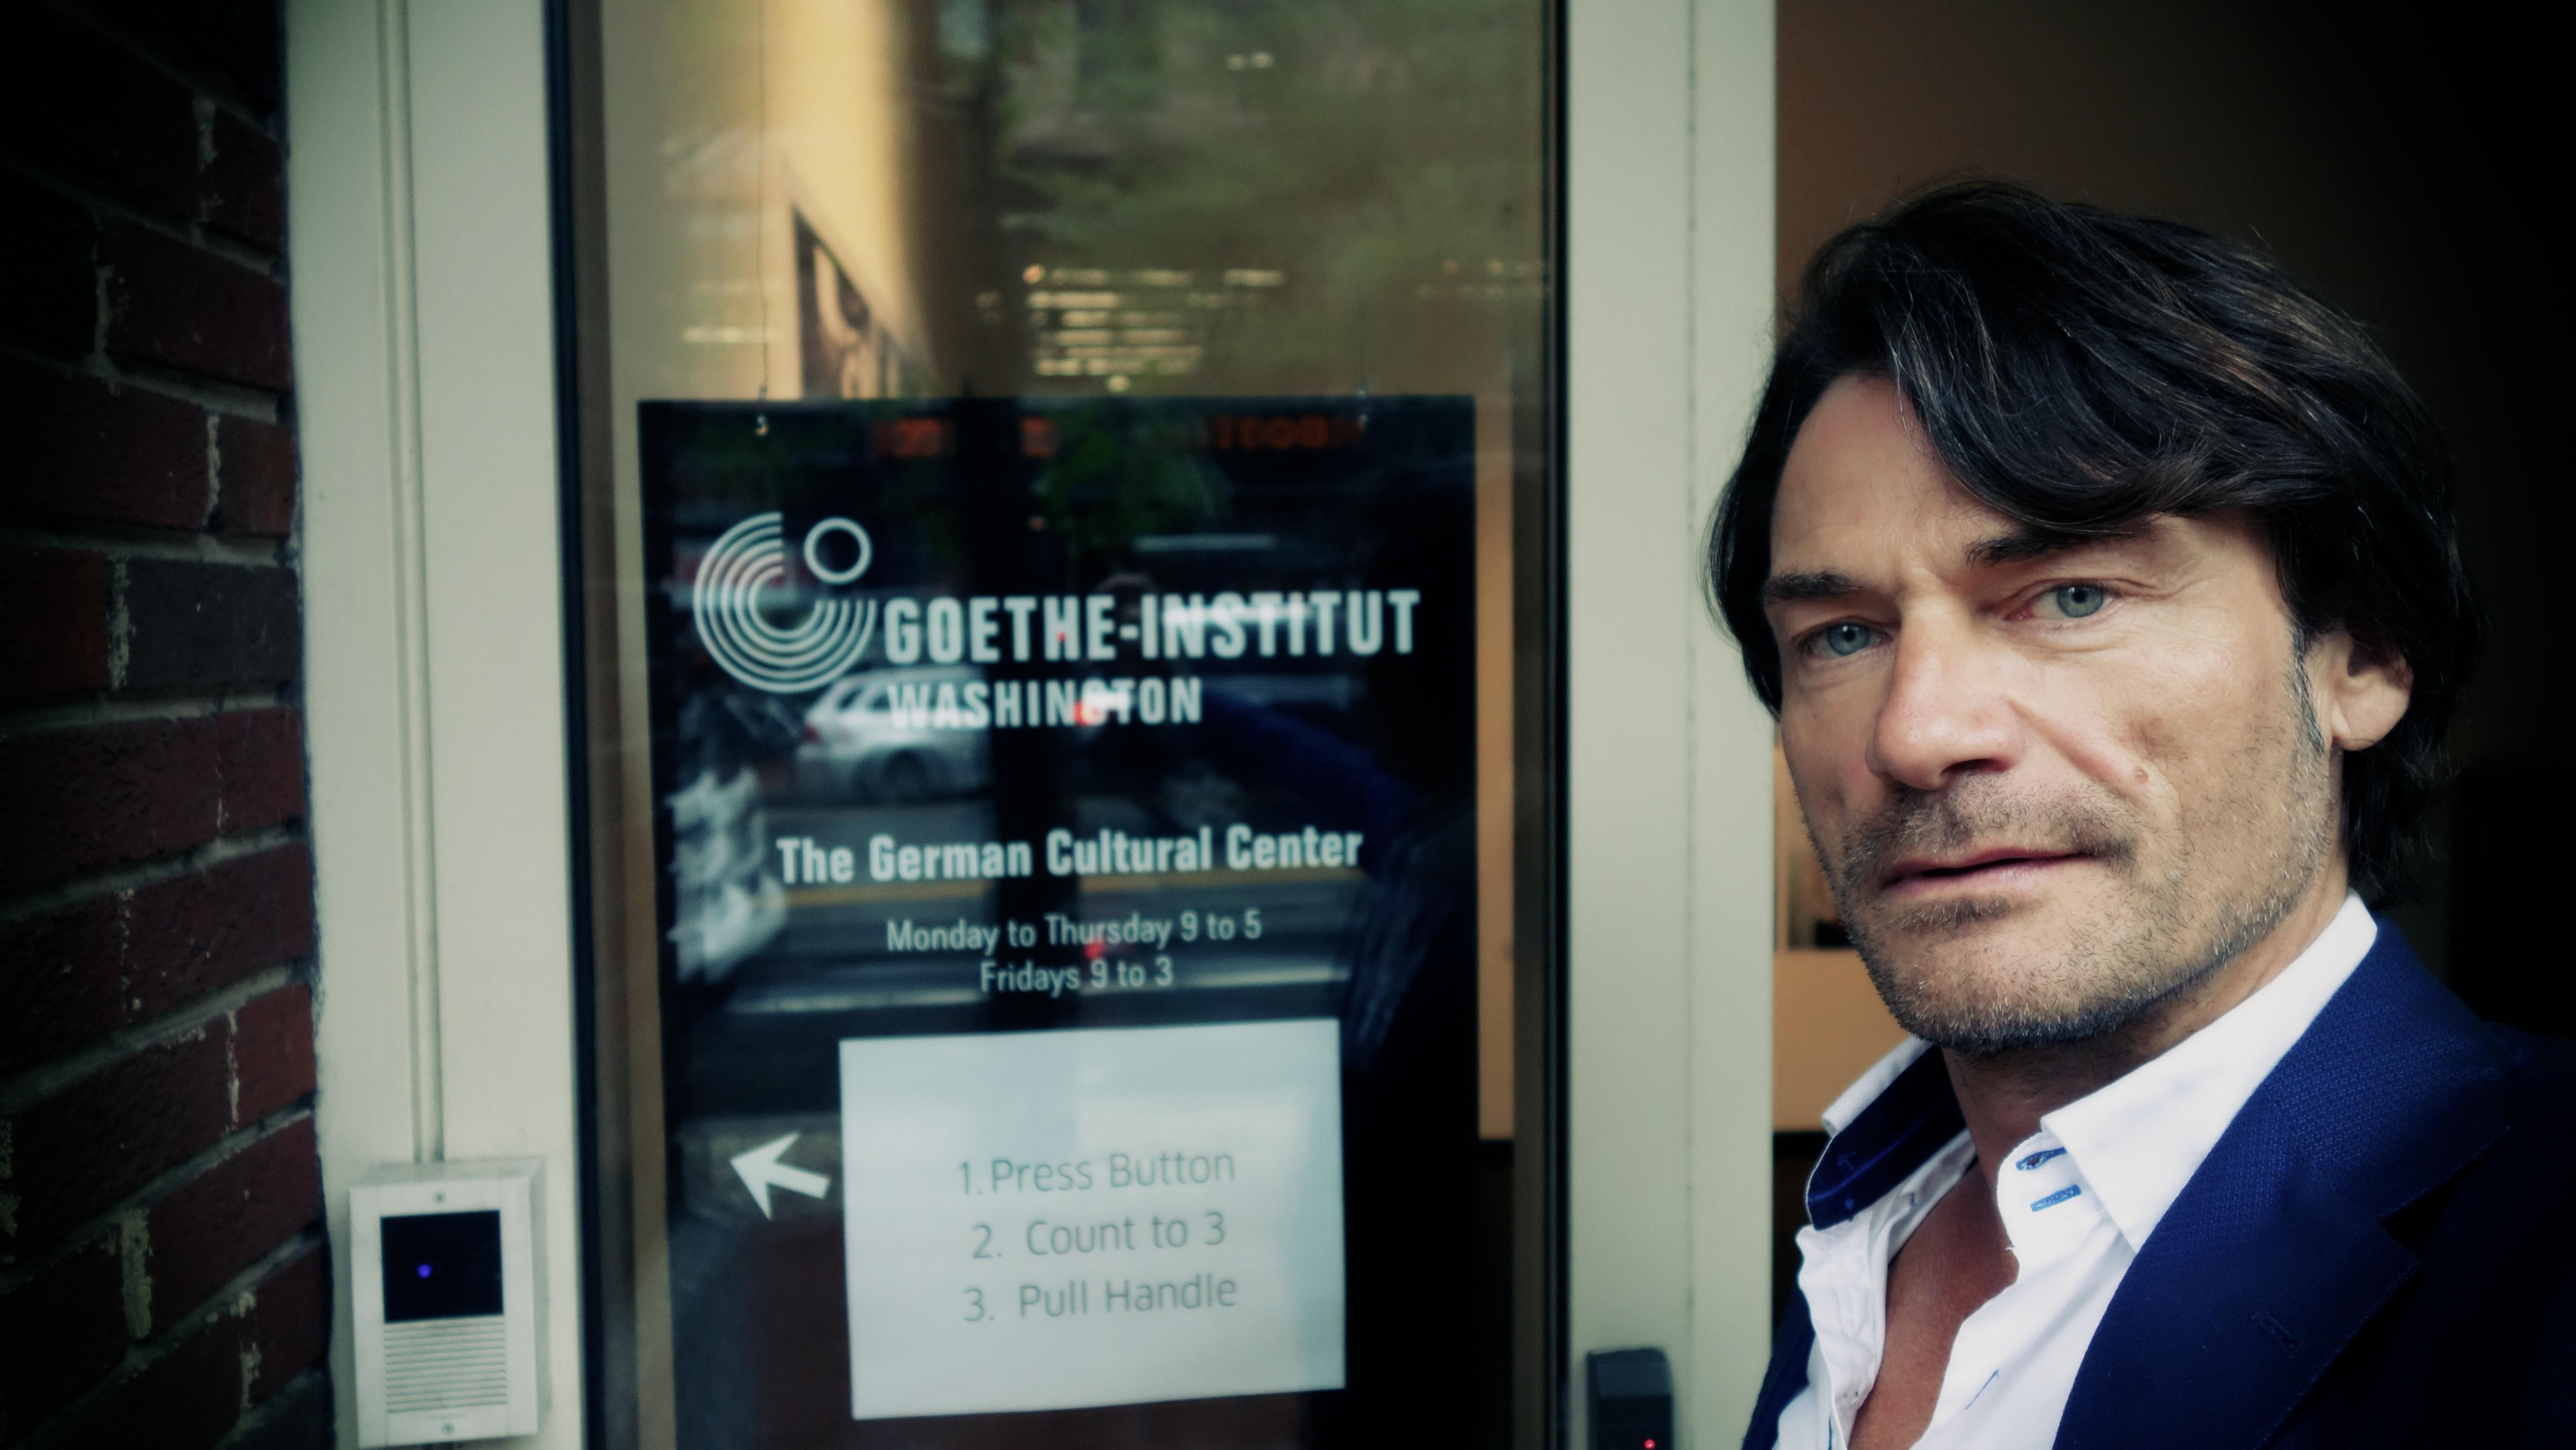 Stefan Weinert Geothe-Institut Washington DC